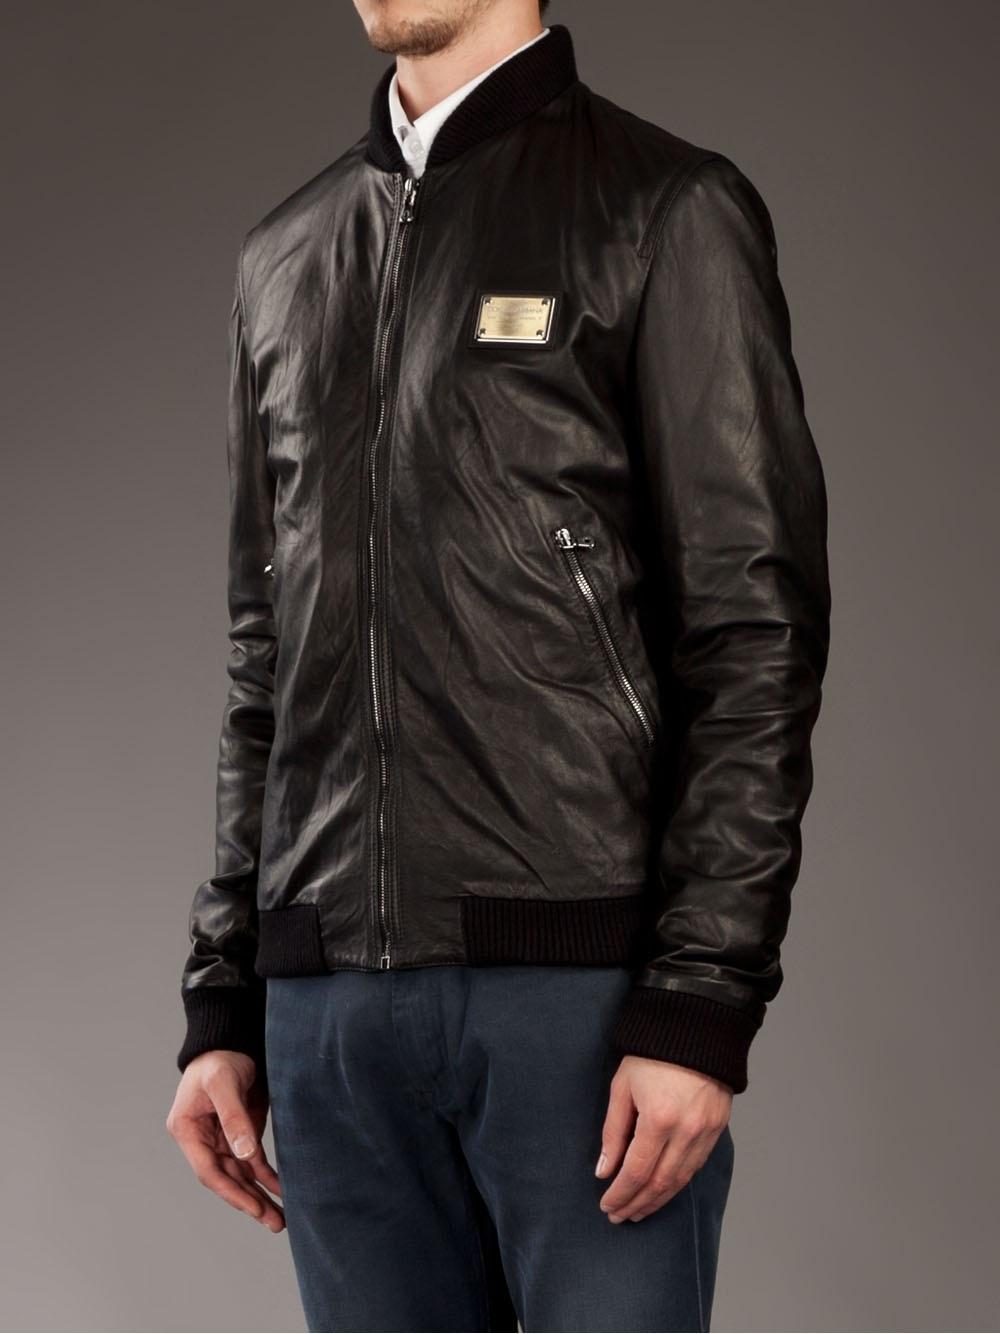 lyst dolce gabbana leather bomber jacket in black for men. Black Bedroom Furniture Sets. Home Design Ideas